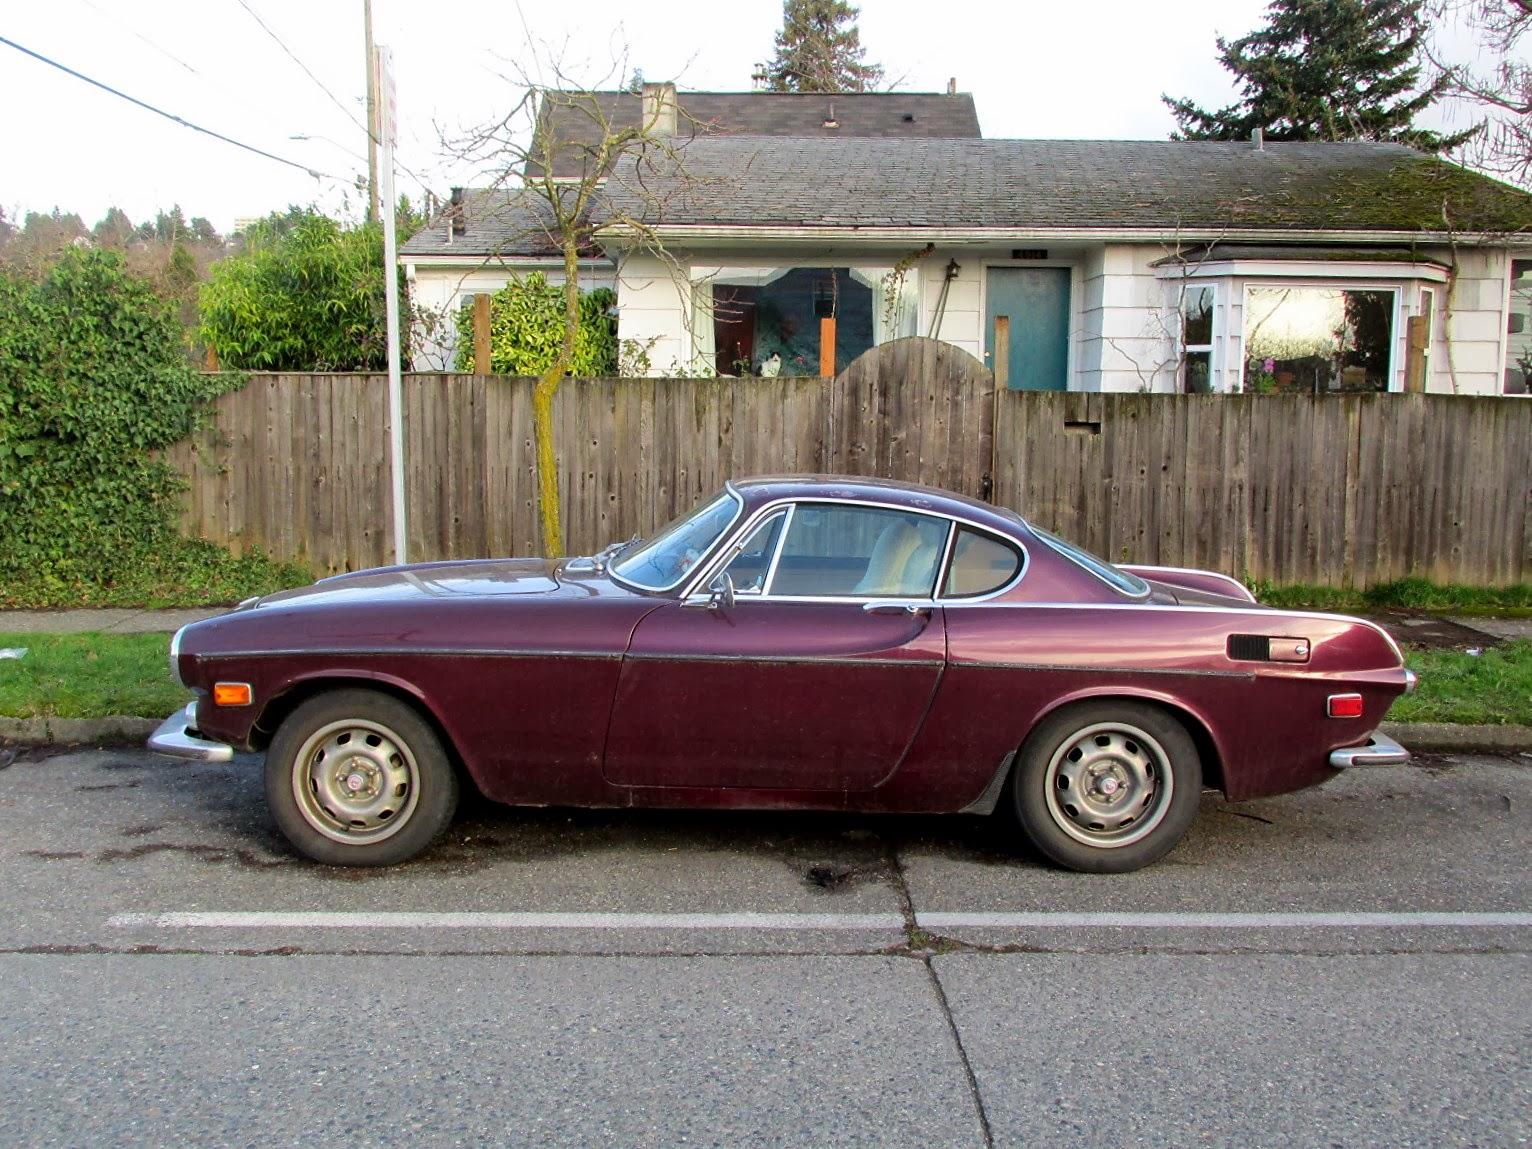 Seattle's Classics: 1972 Volvo 1800E